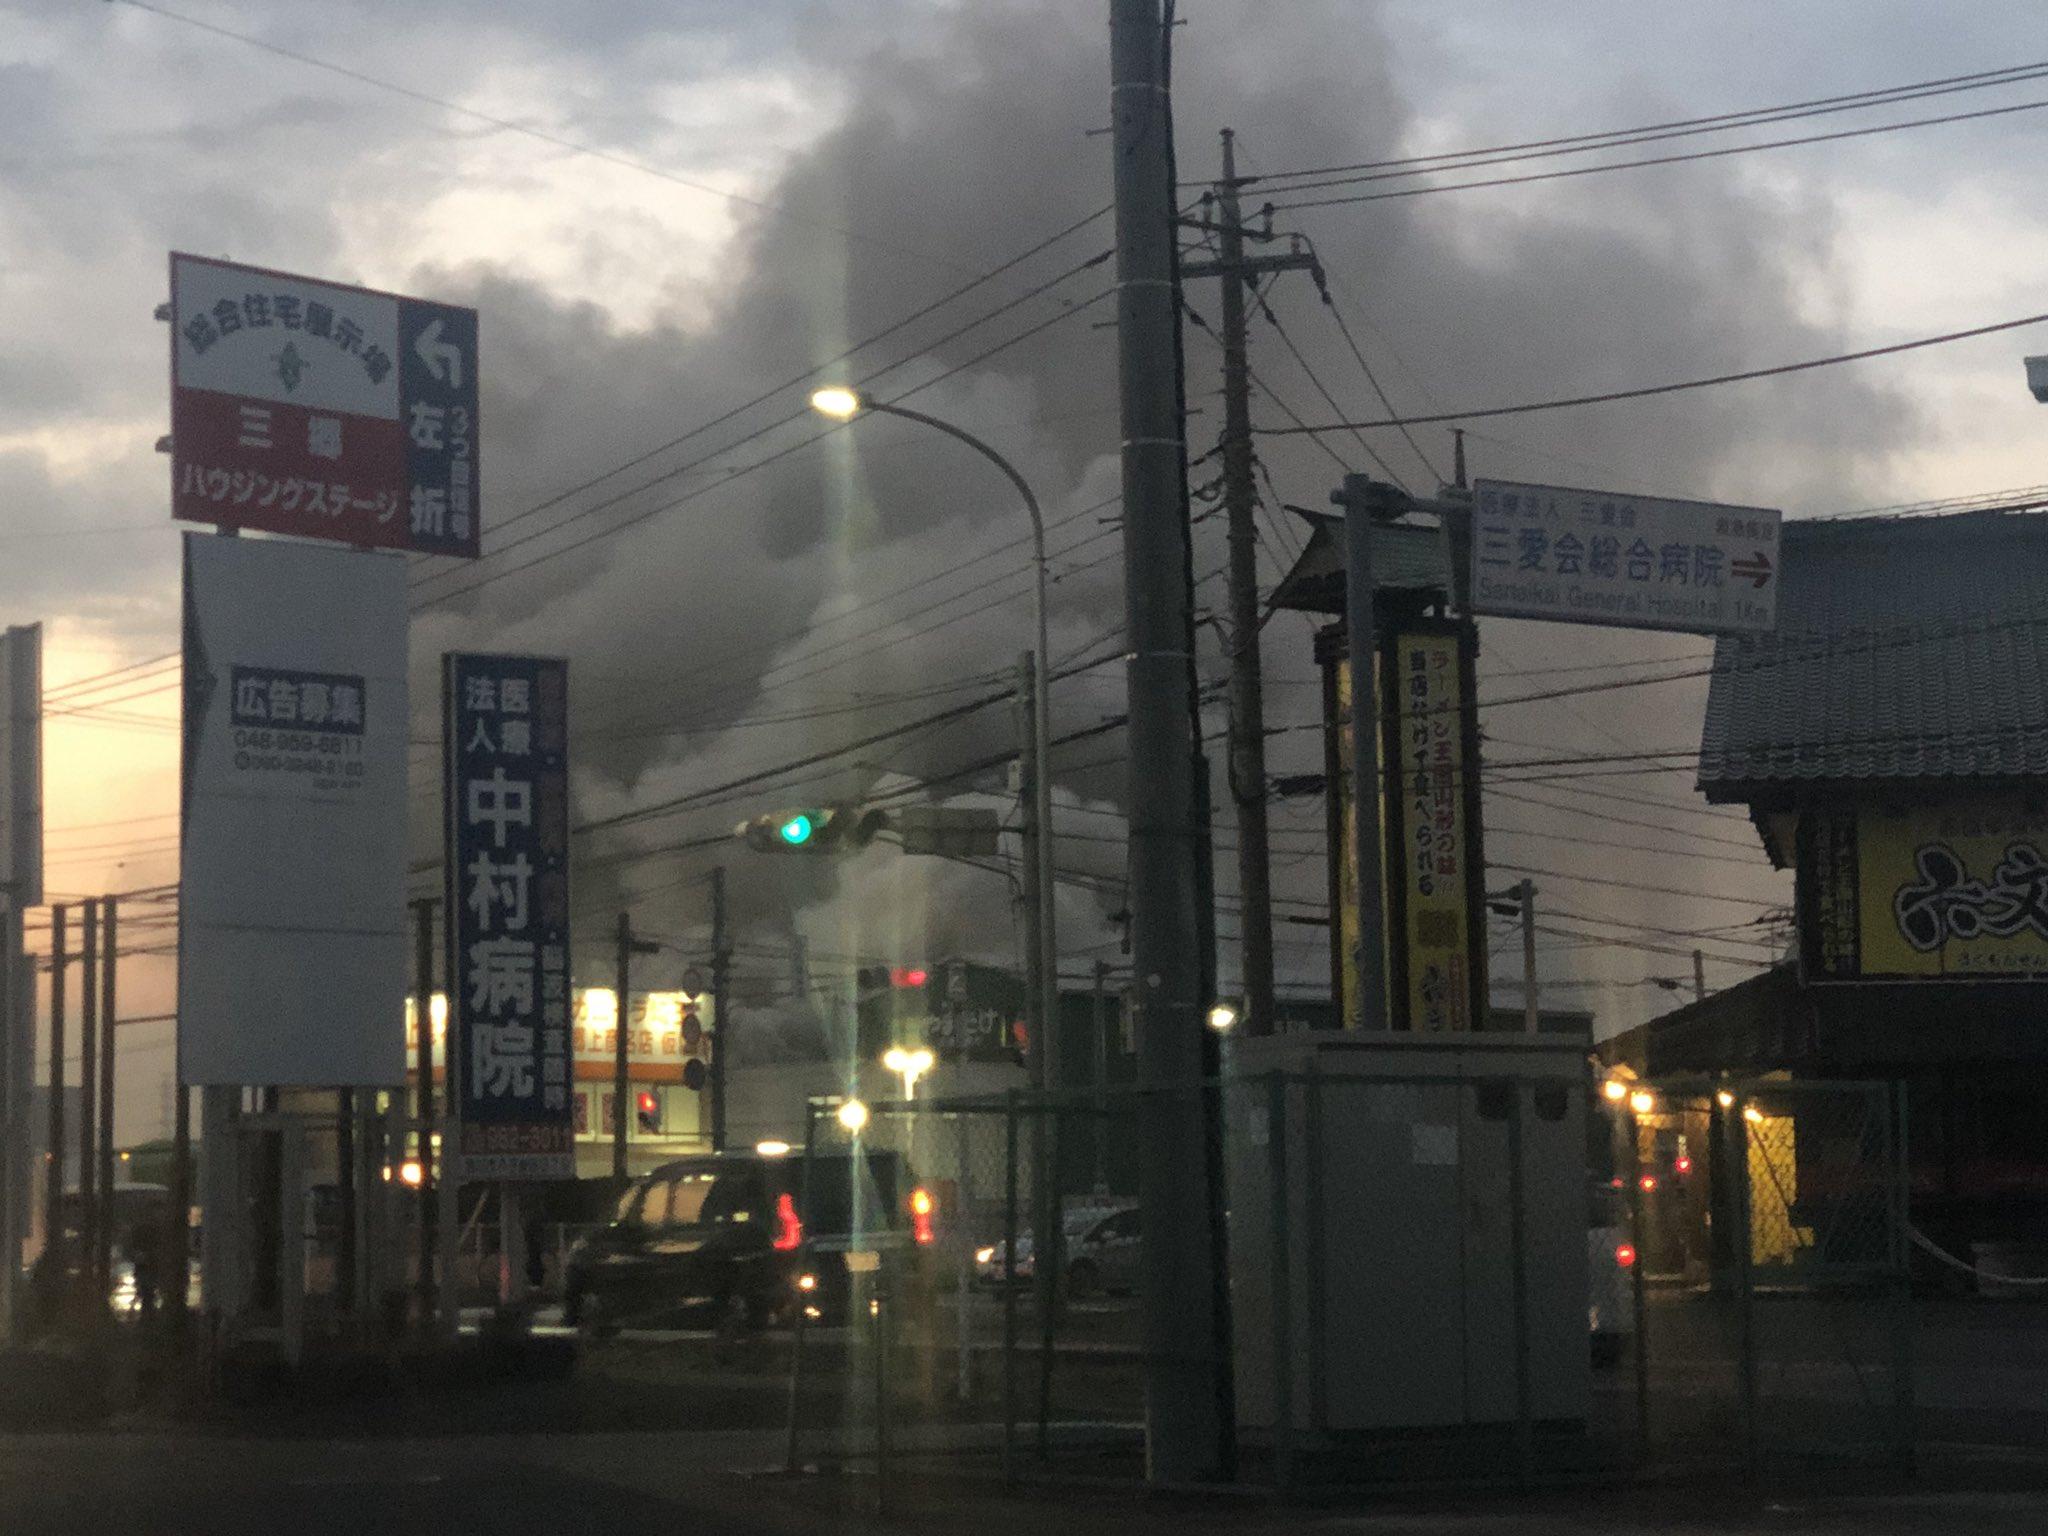 画像,火事やばくてみ道路真っ暗だし灰ふってるしなにせ臭いがやばい https://t.co/qURb3G6nKb。